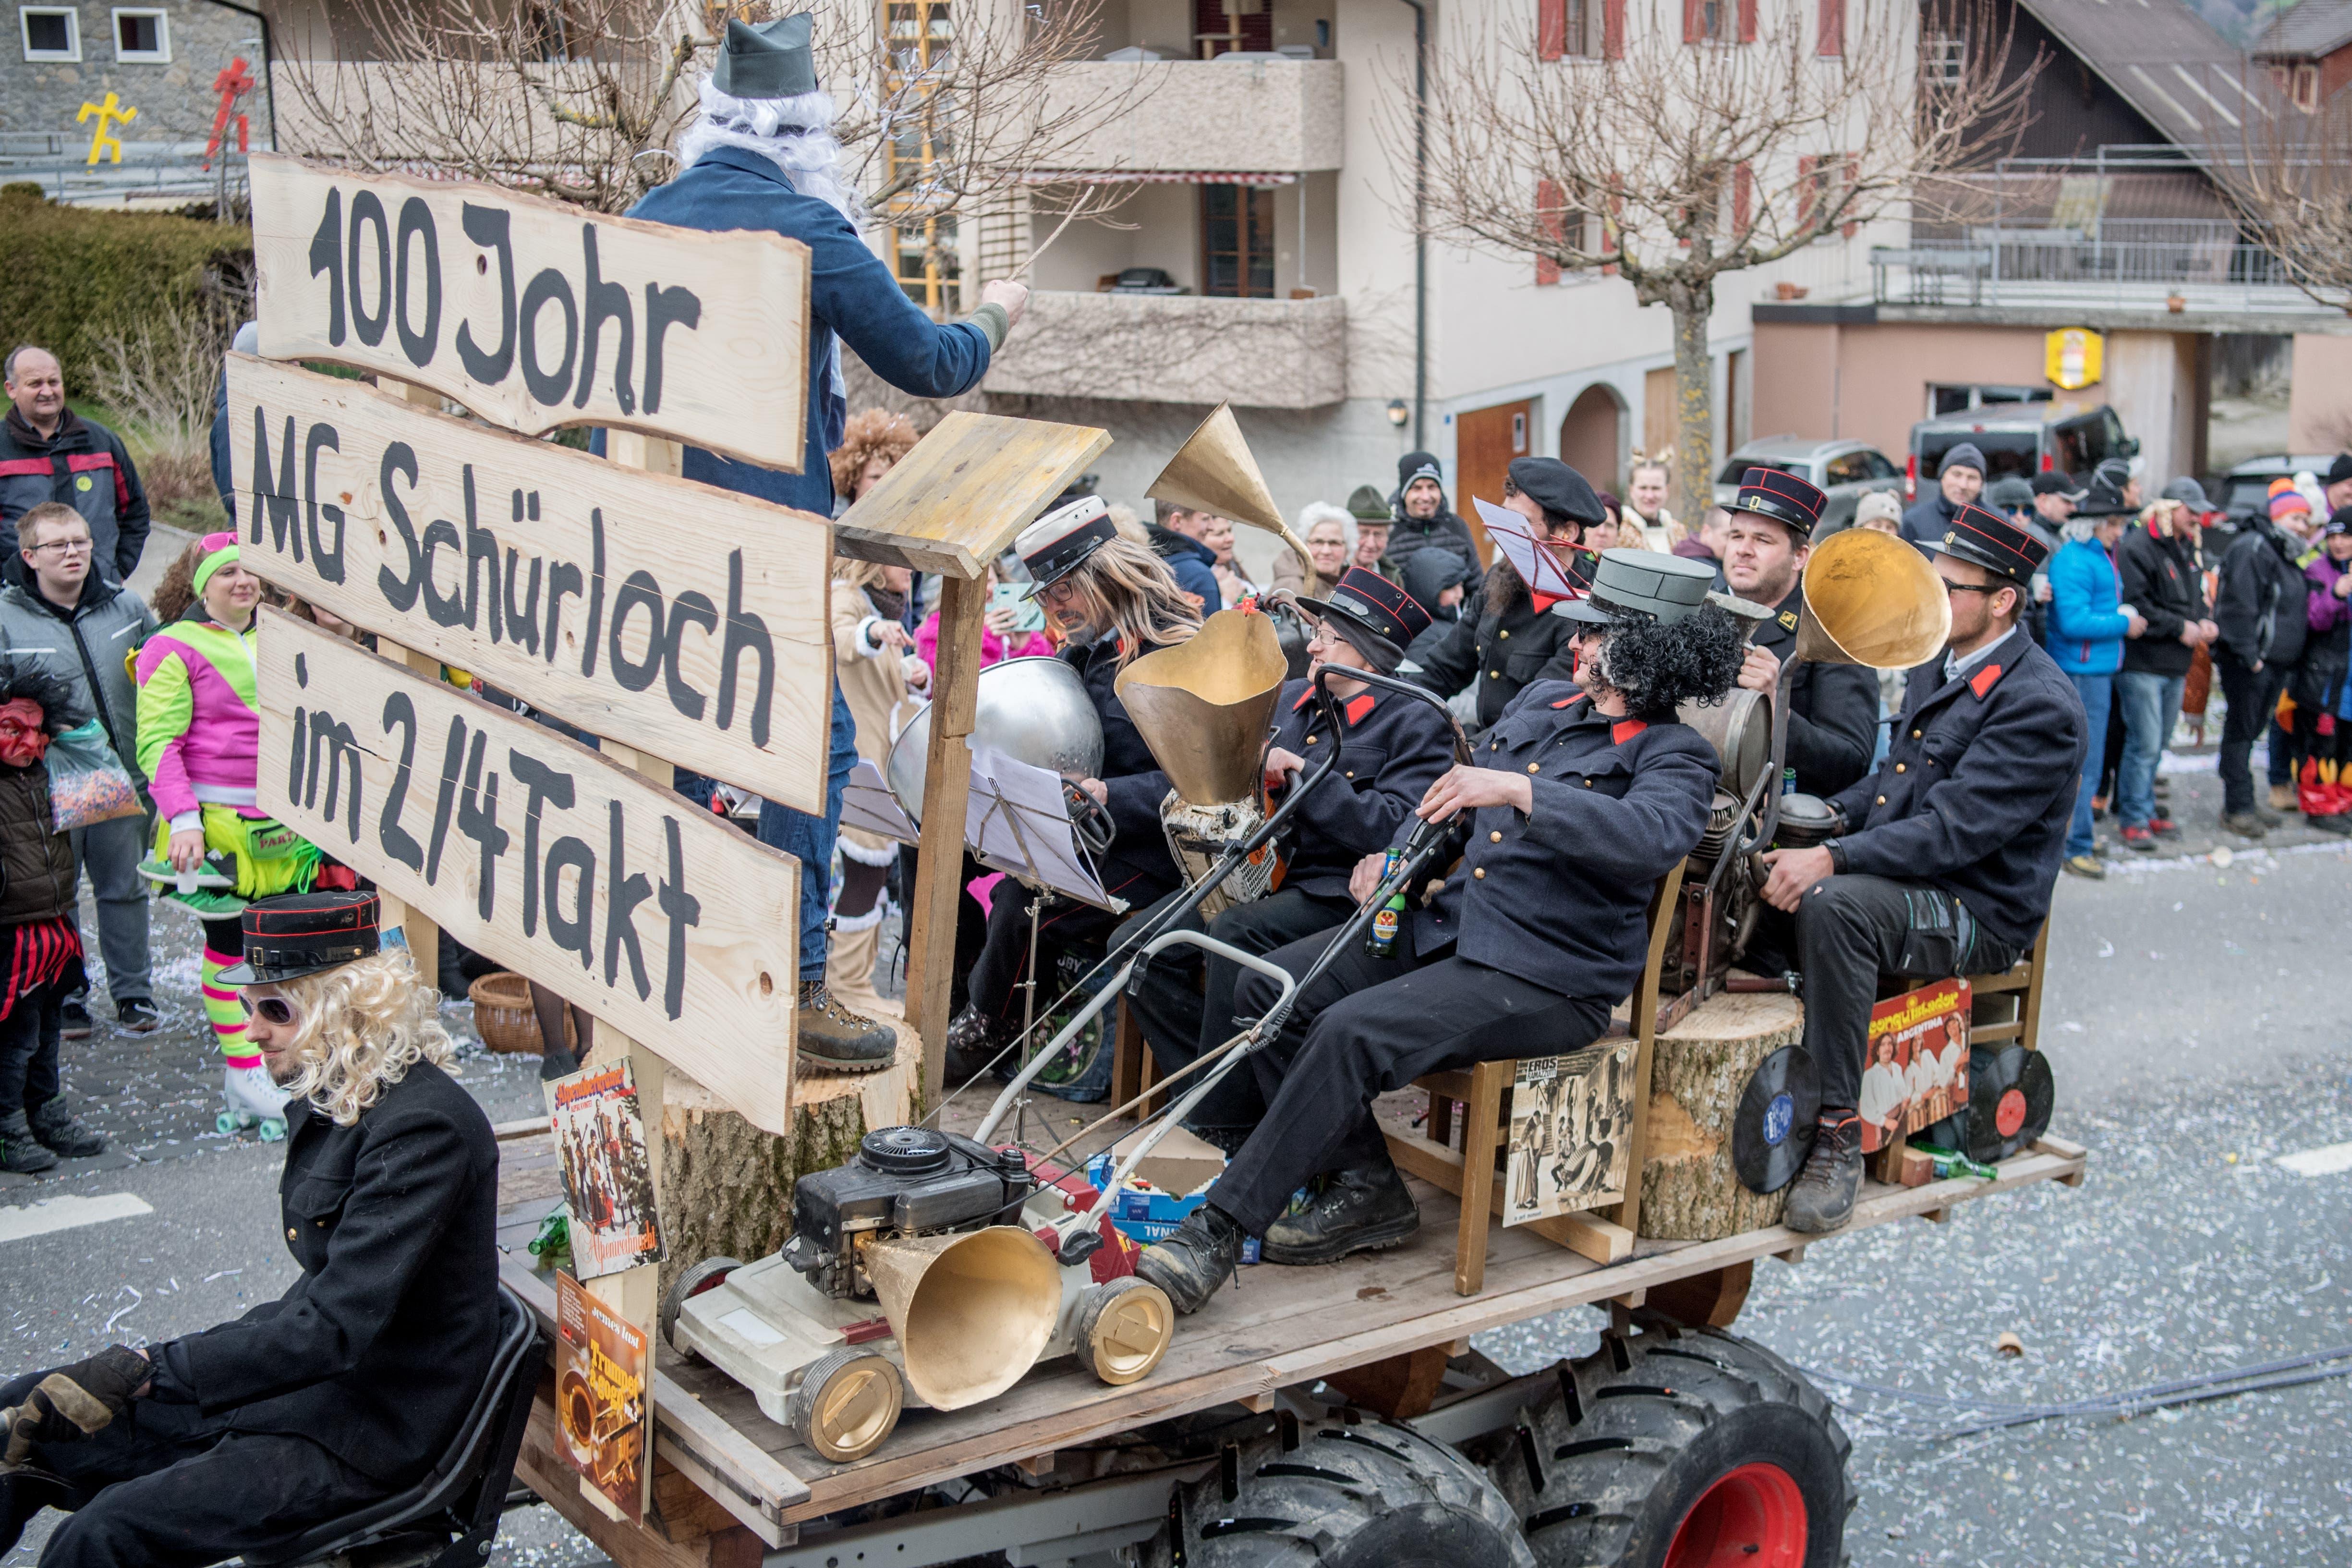 """Ufhuser Wagen mit """"100 Johr ...""""."""